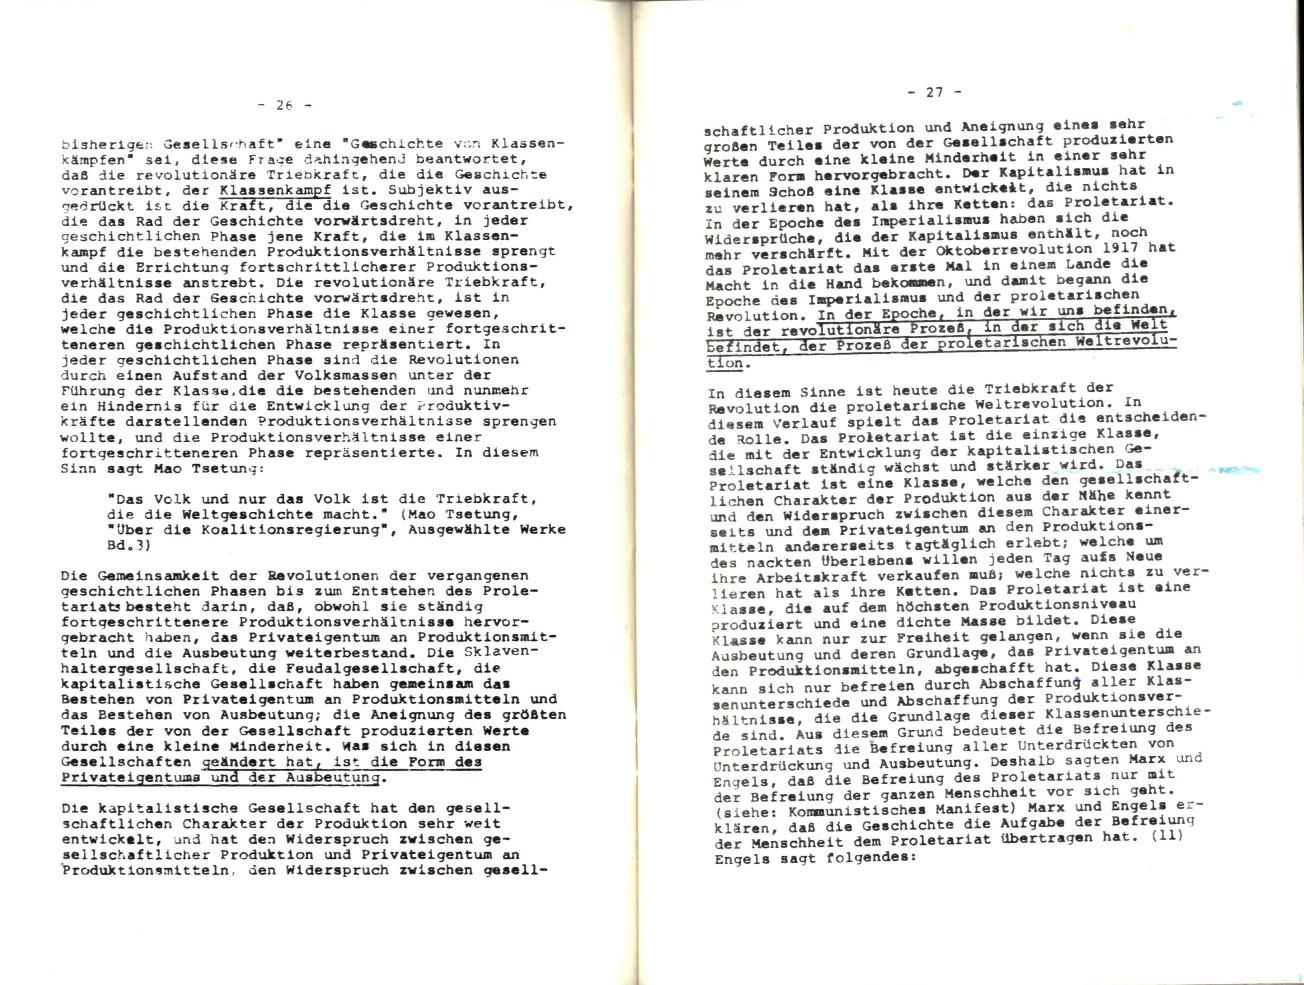 MLSK_Theorie_und_Praxis_des_ML_1978_21_22